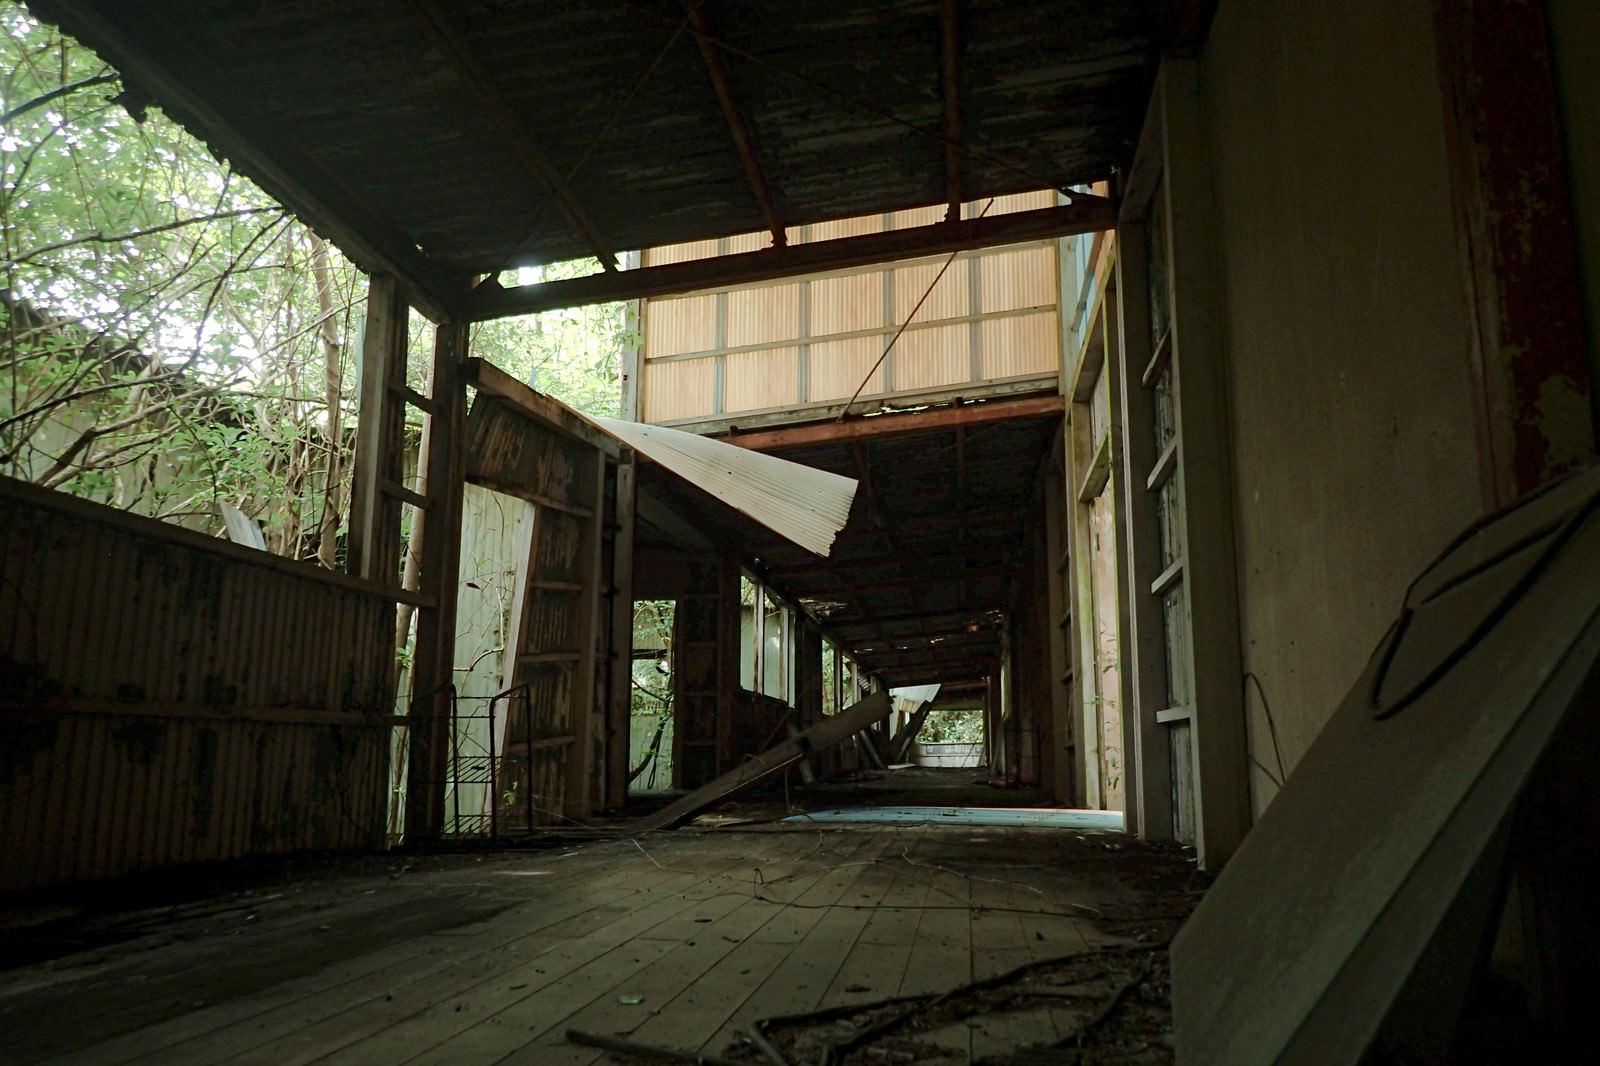 「ボロボロに倒壊した廃病院の通路」の写真